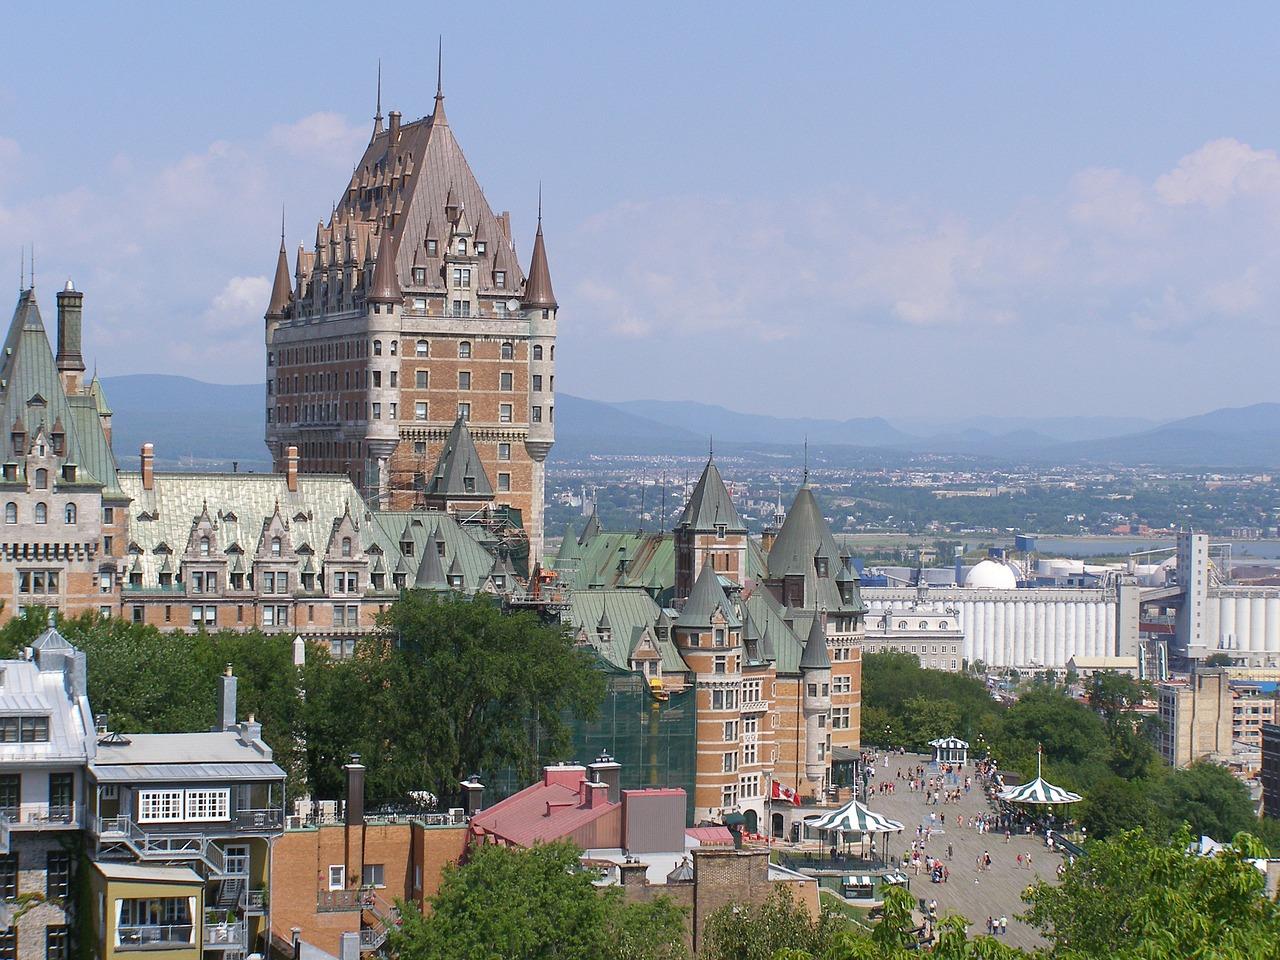 Квебек - провинция с отдельной пенсионной системой